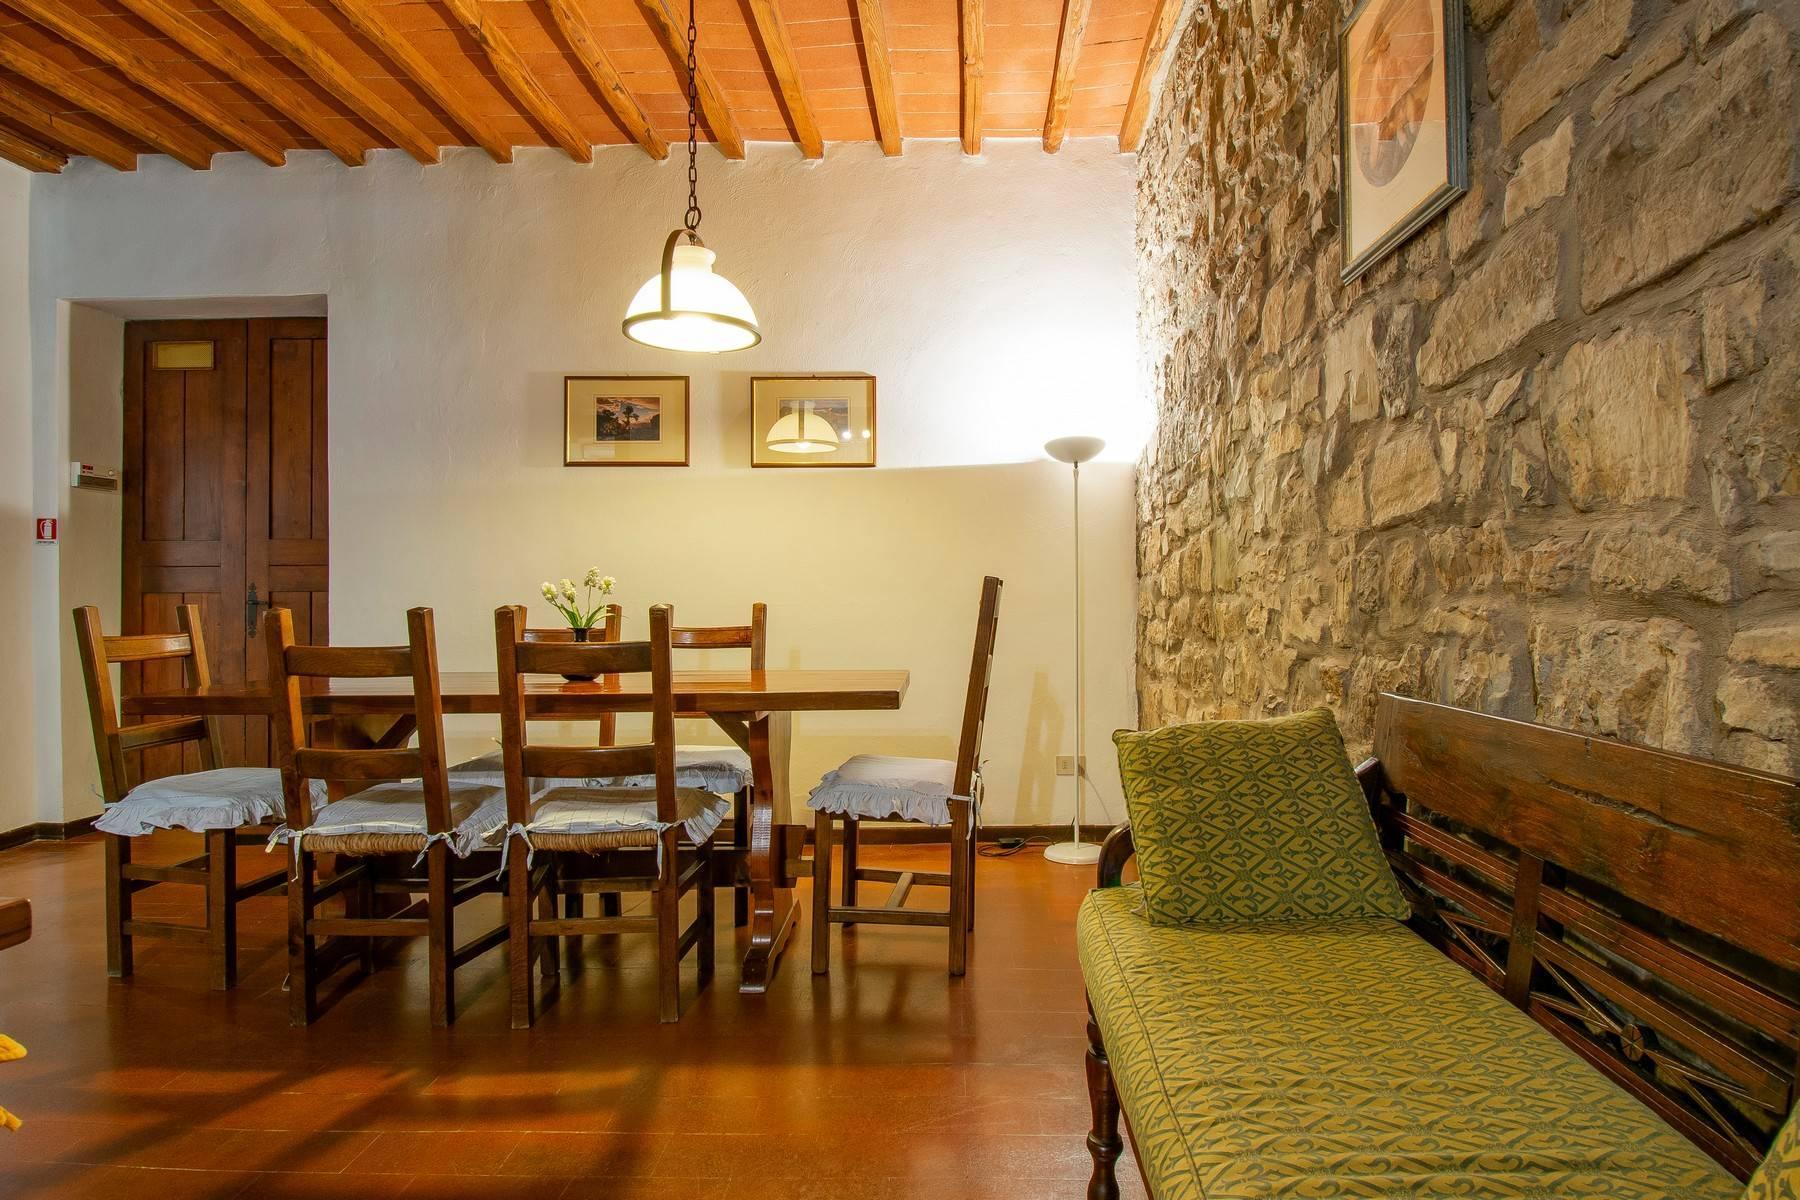 Esclusive wine estate in the heart of Chianti classico - 17